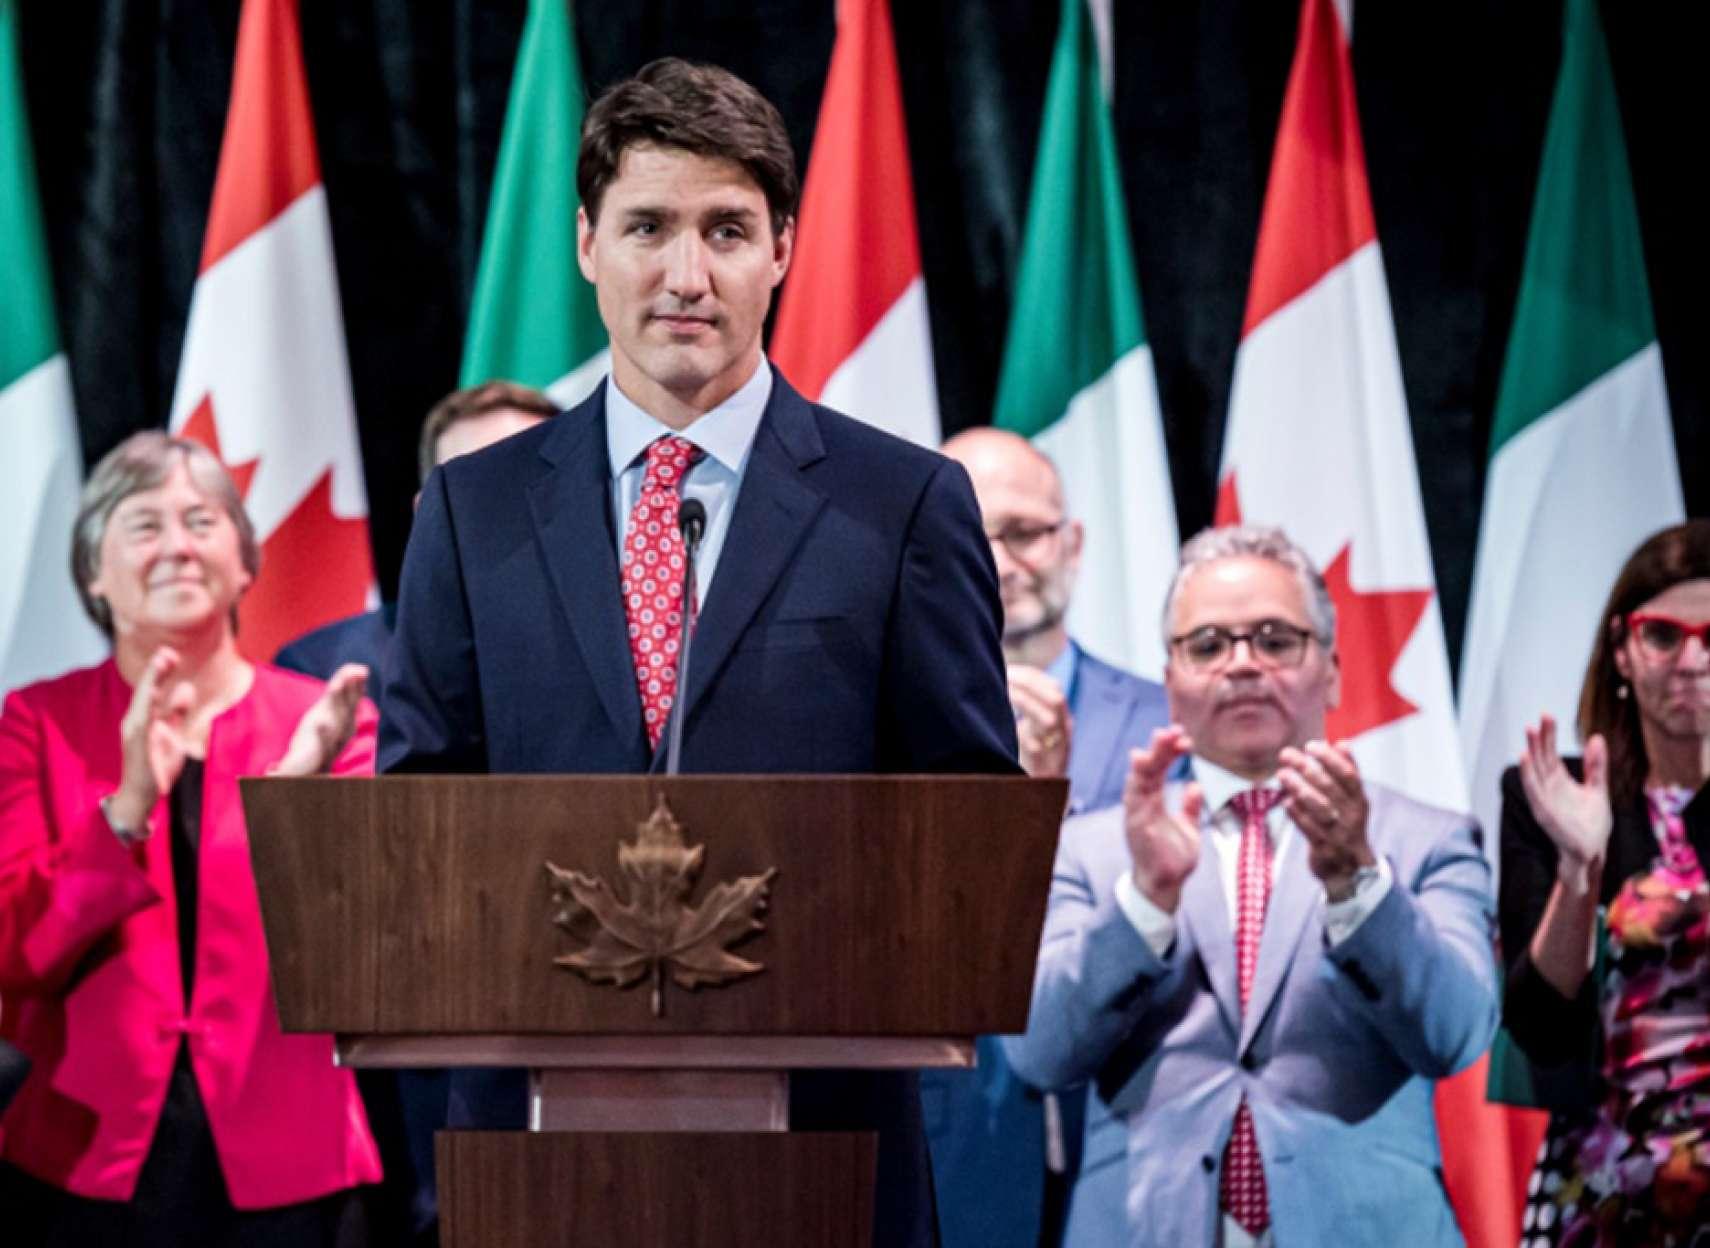 کانادا-از-ایتالیاییها-عذرخواهی-میکند-کانادا-اخبار